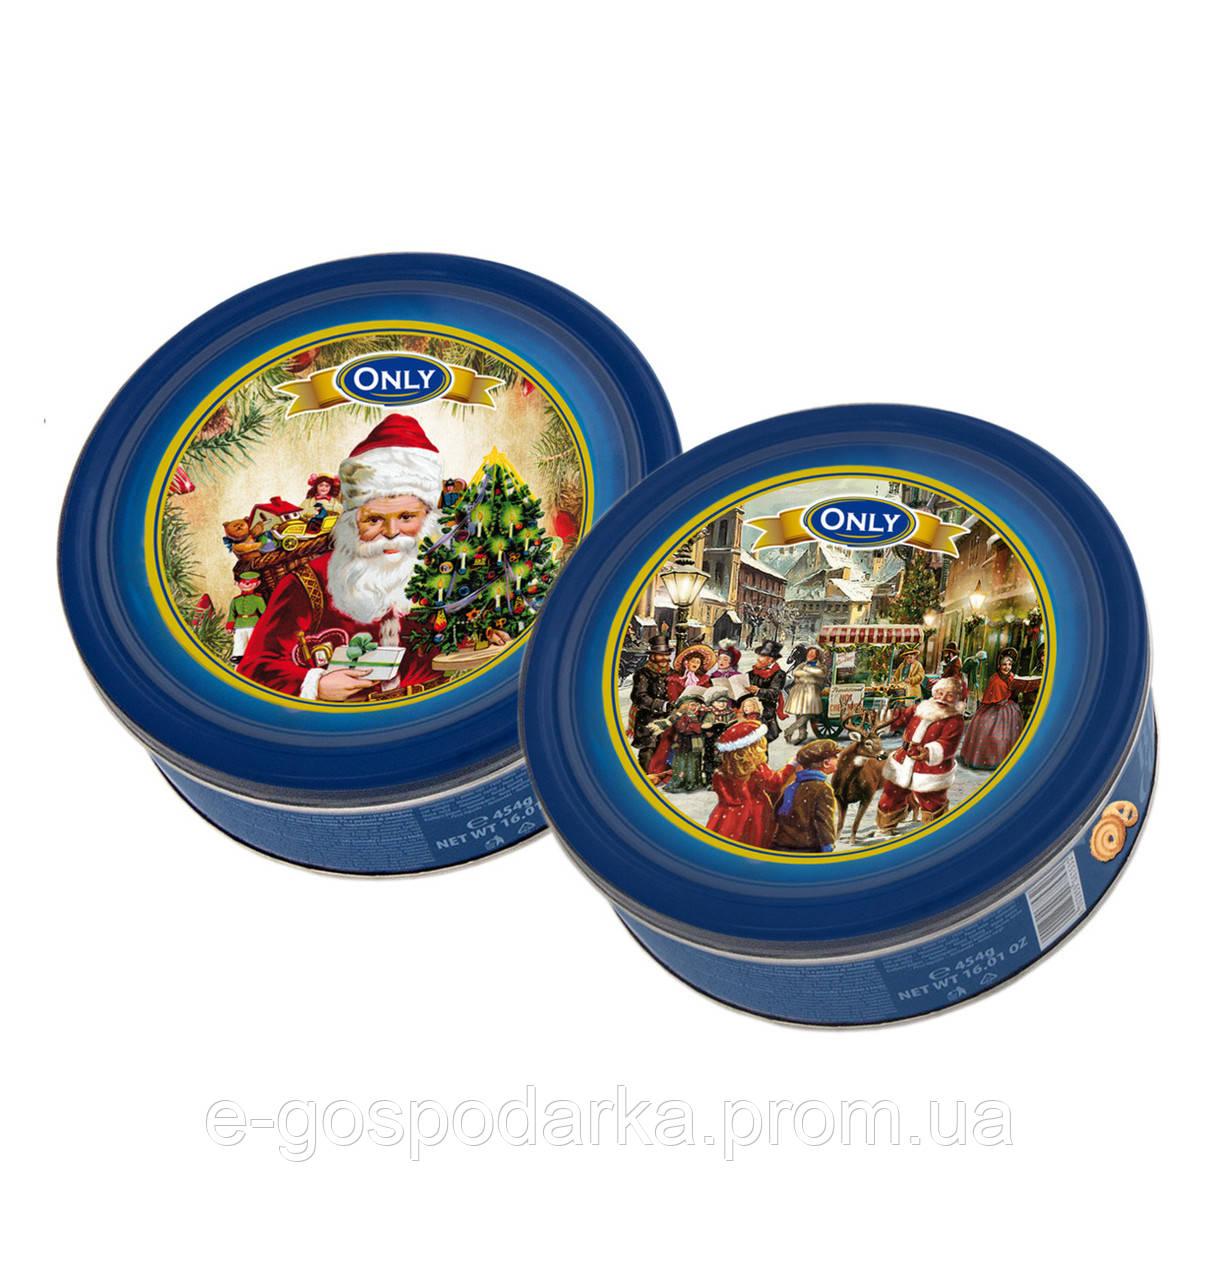 Рождественское печенье в металлической коробке Only 454 г